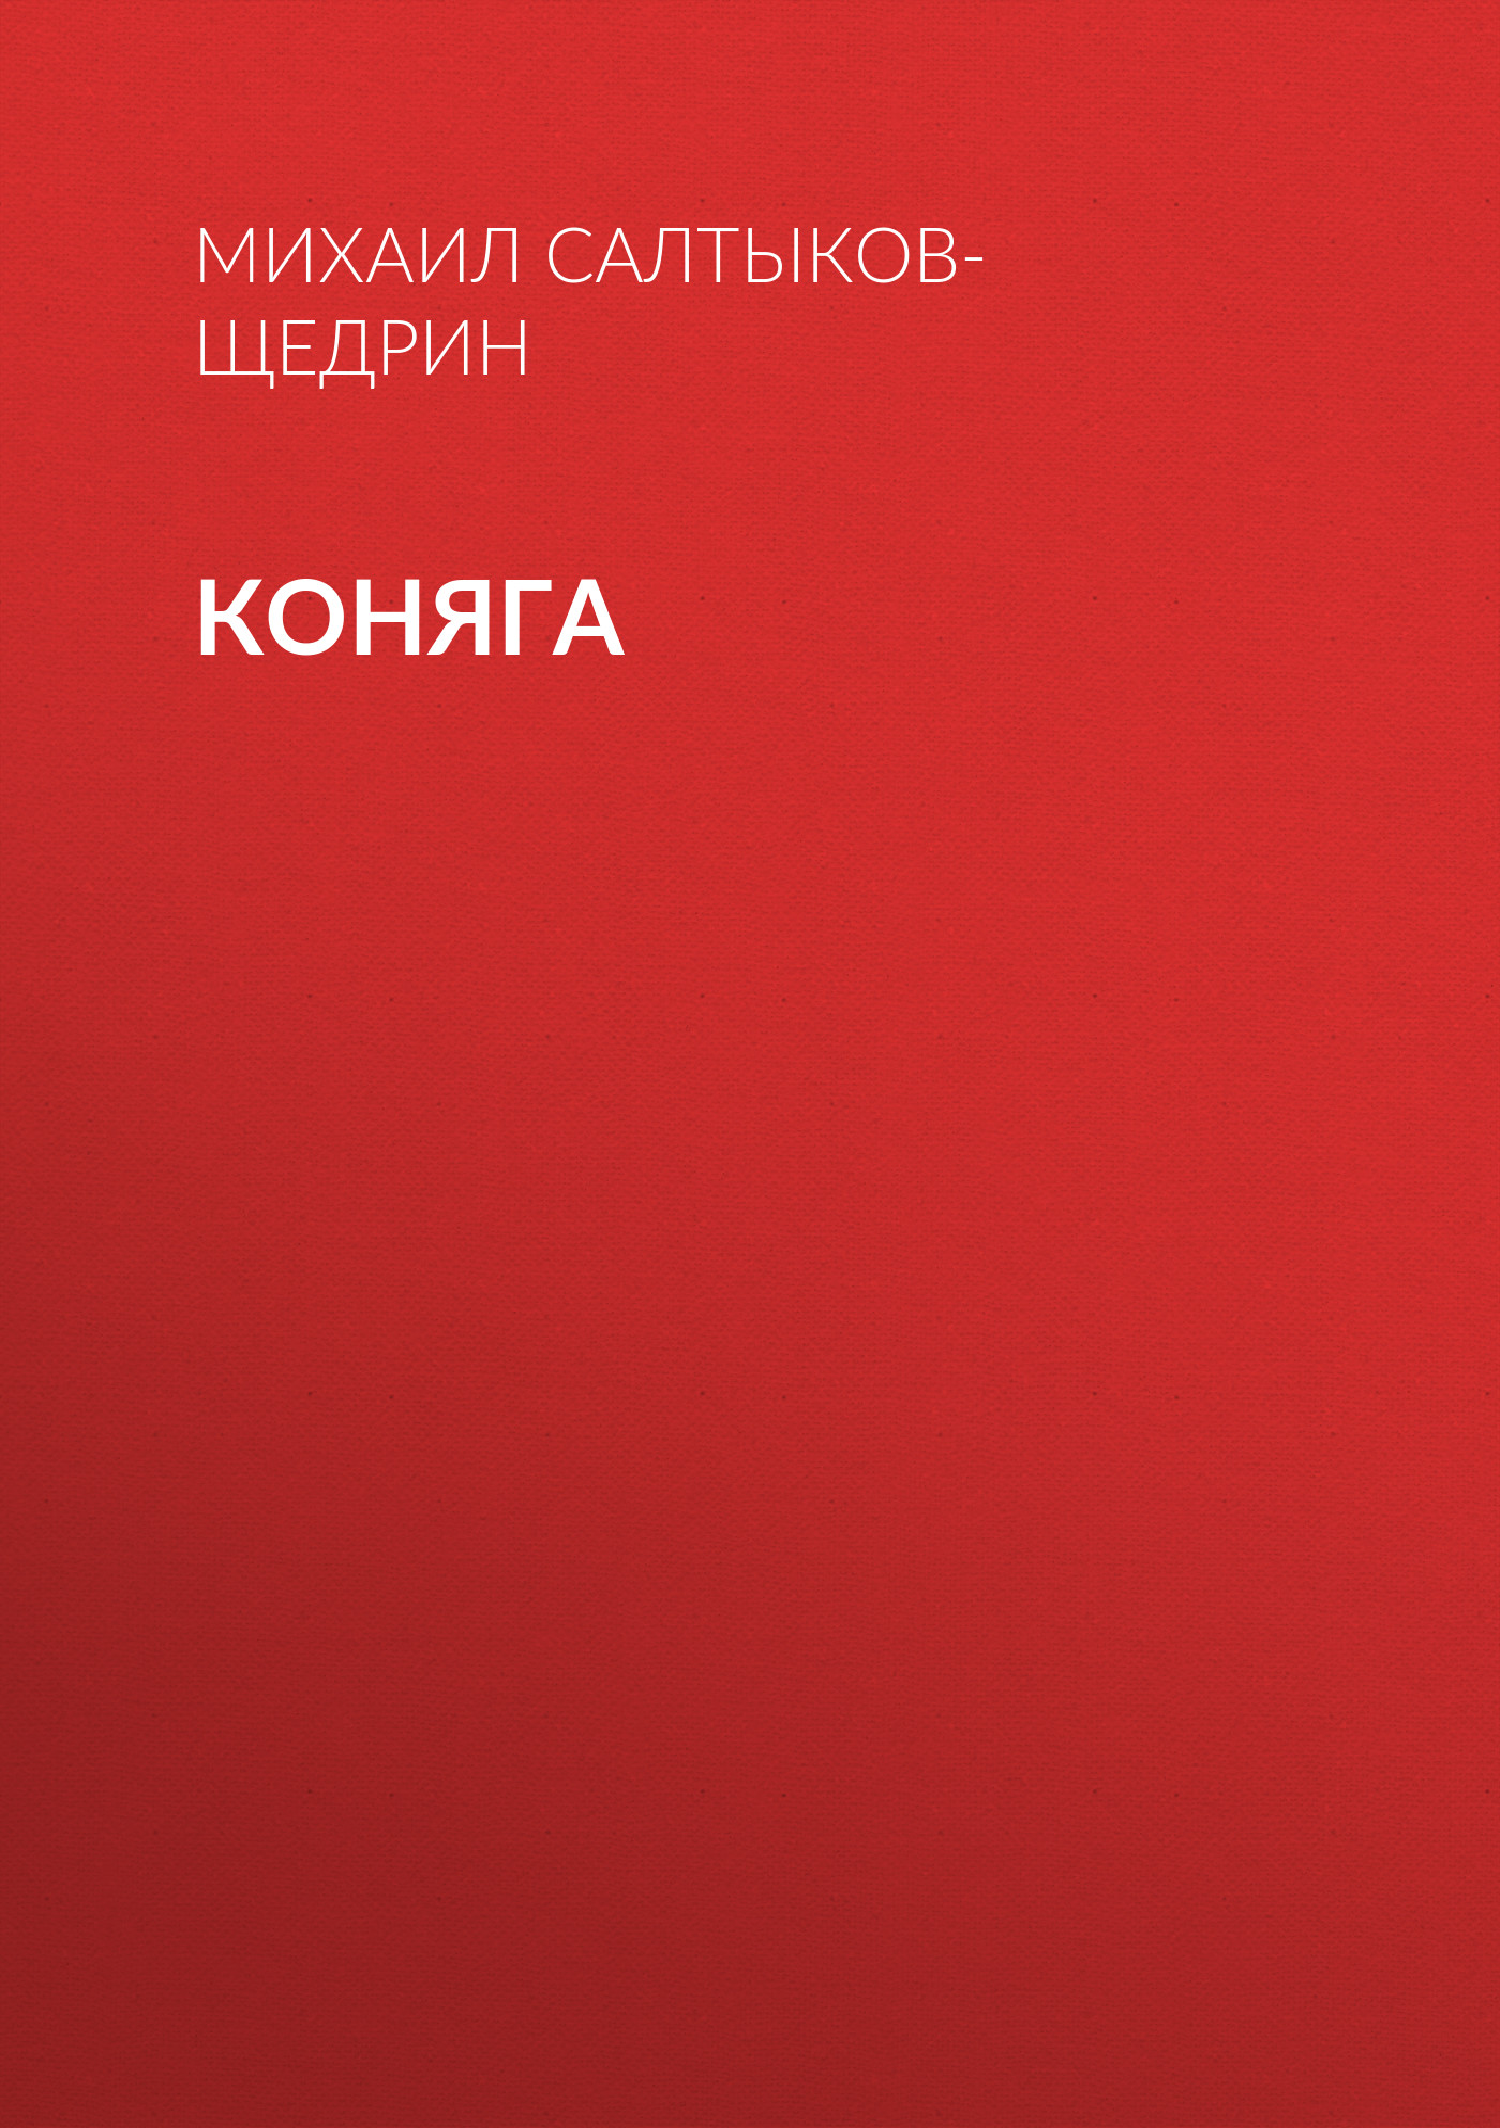 Михаил Салтыков-Щедрин Коняга михаил салтыков щедрин светлов его взгляды характер и деятельность